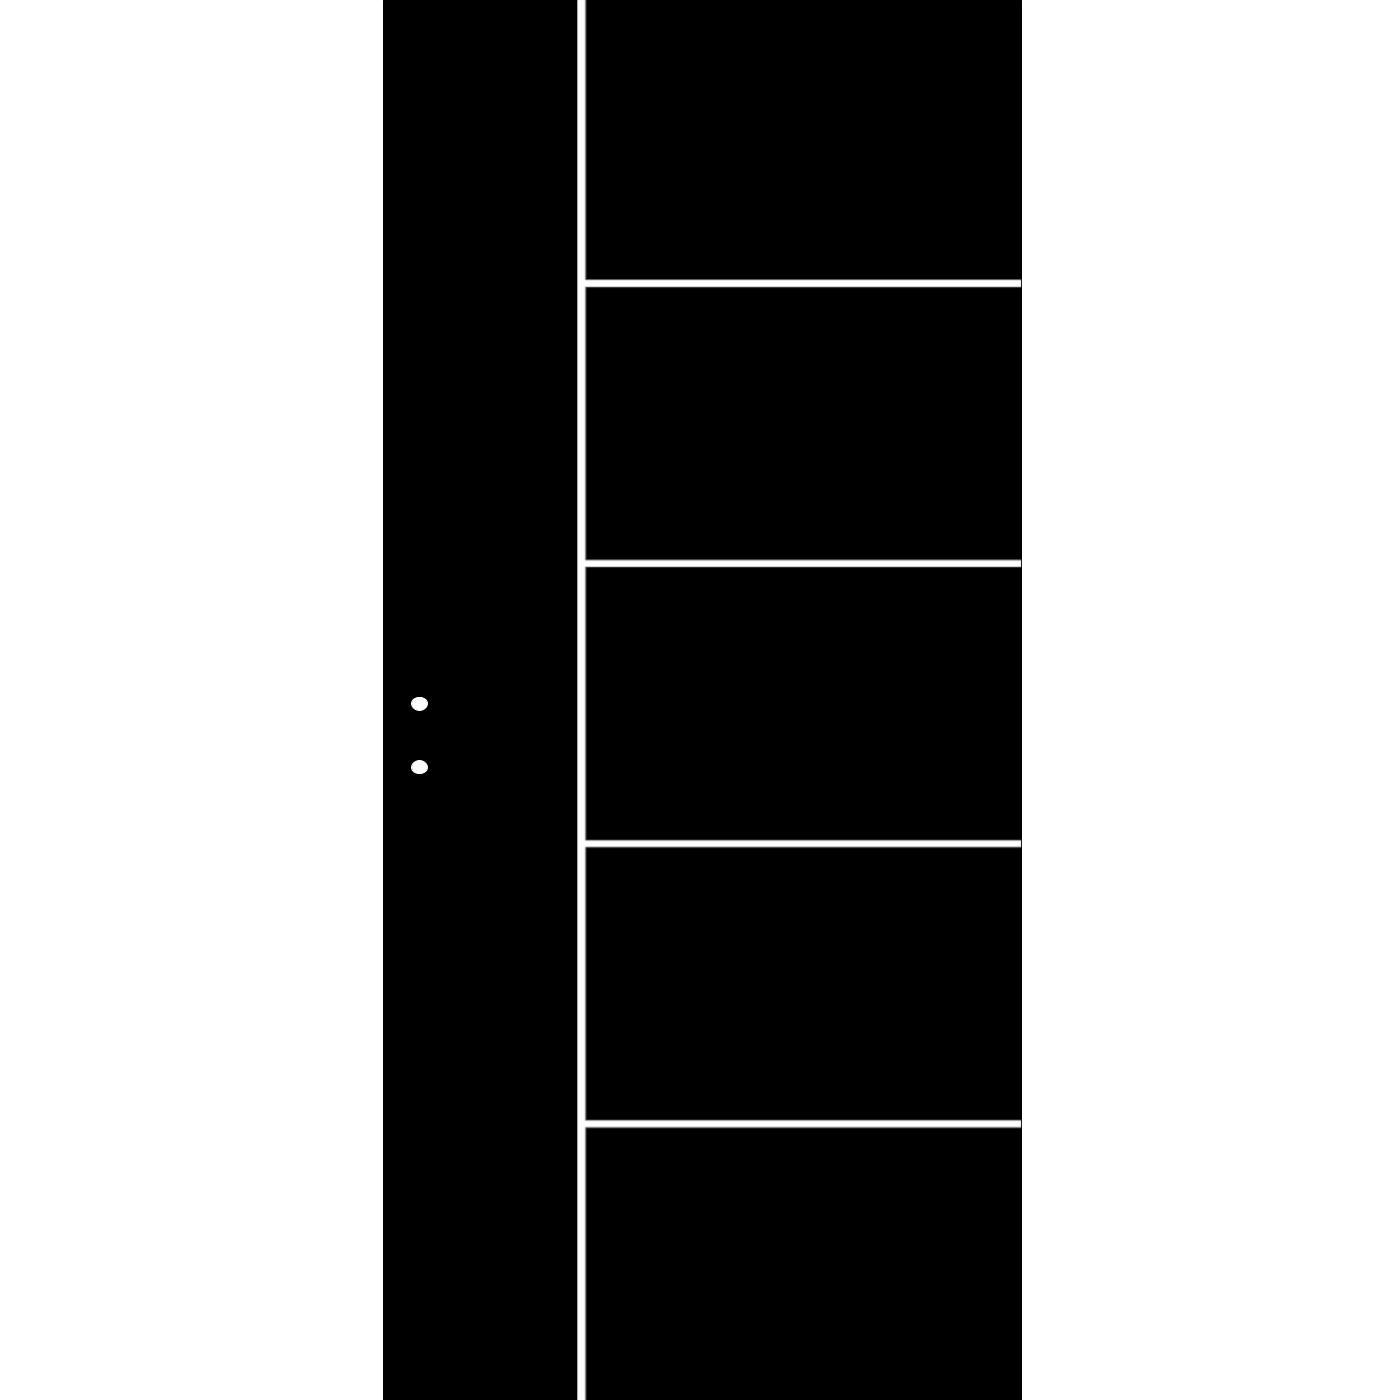 4128 Σκόπελος